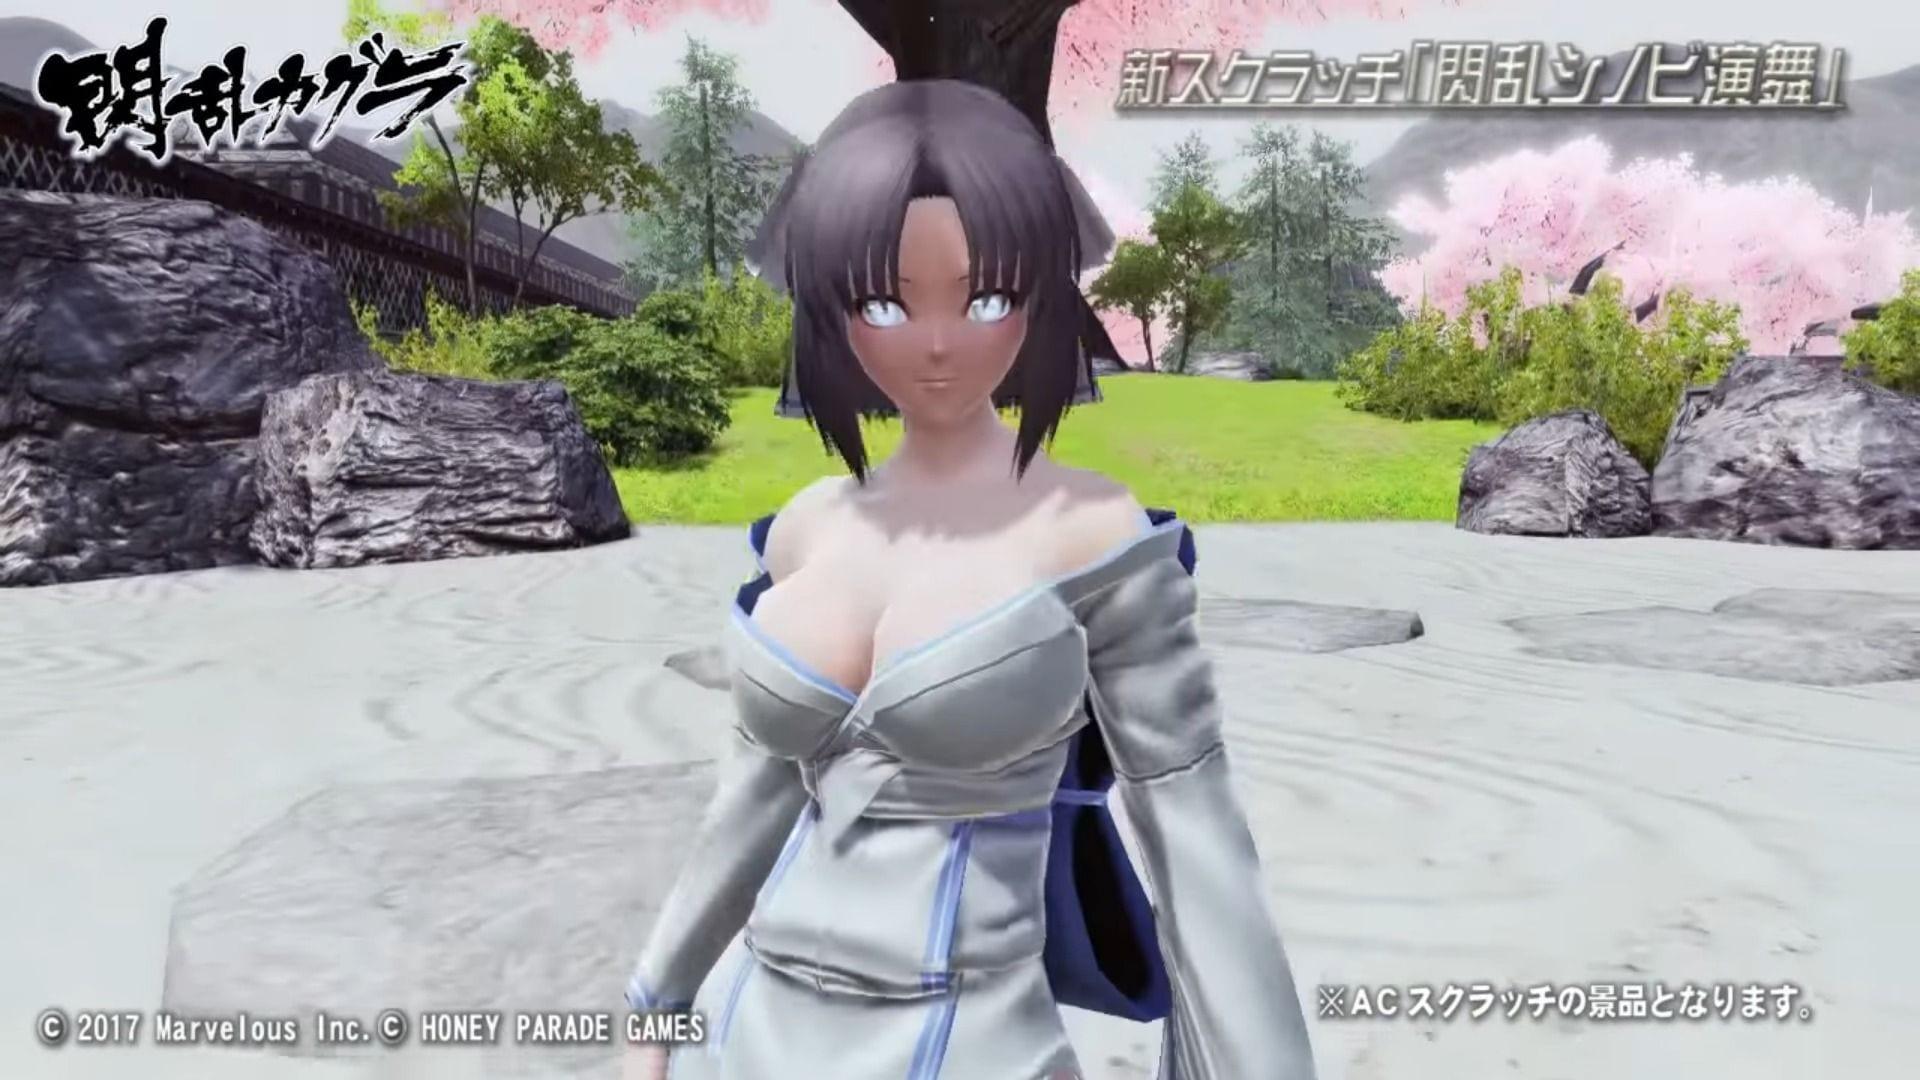 Phantasy Star Online 2 Senran Kagura